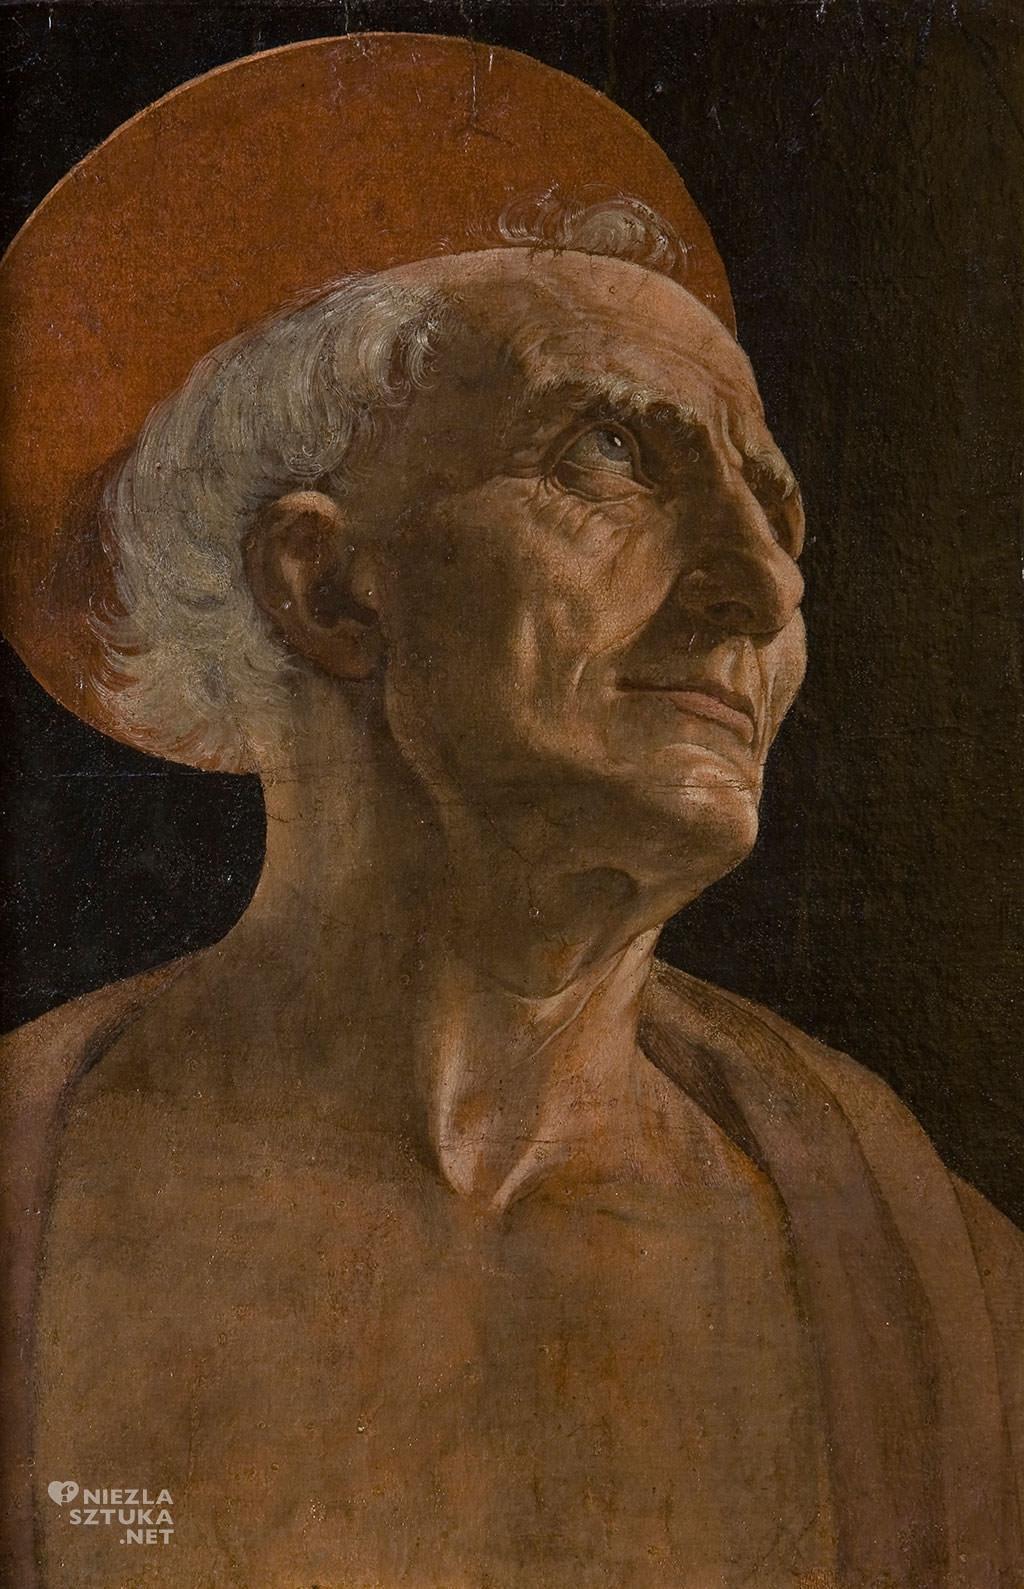 Andrea del Verrocchio, Świety Hieronim, sztuka włoska, Niezła sztuka